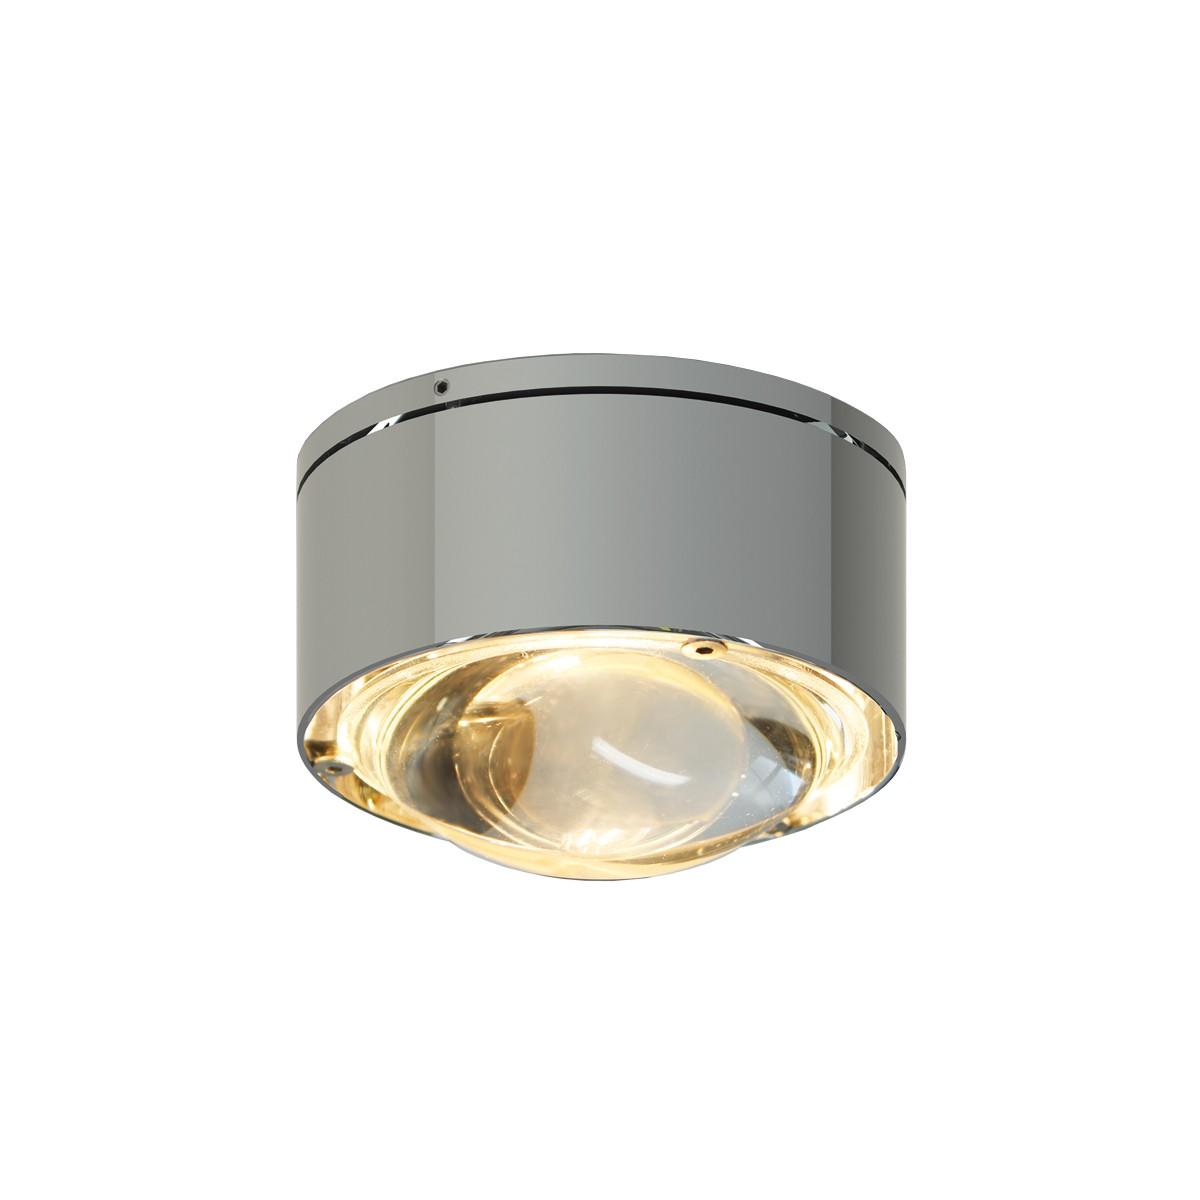 Top Light Puk One 2 LED Deckenleuchte, Chrom